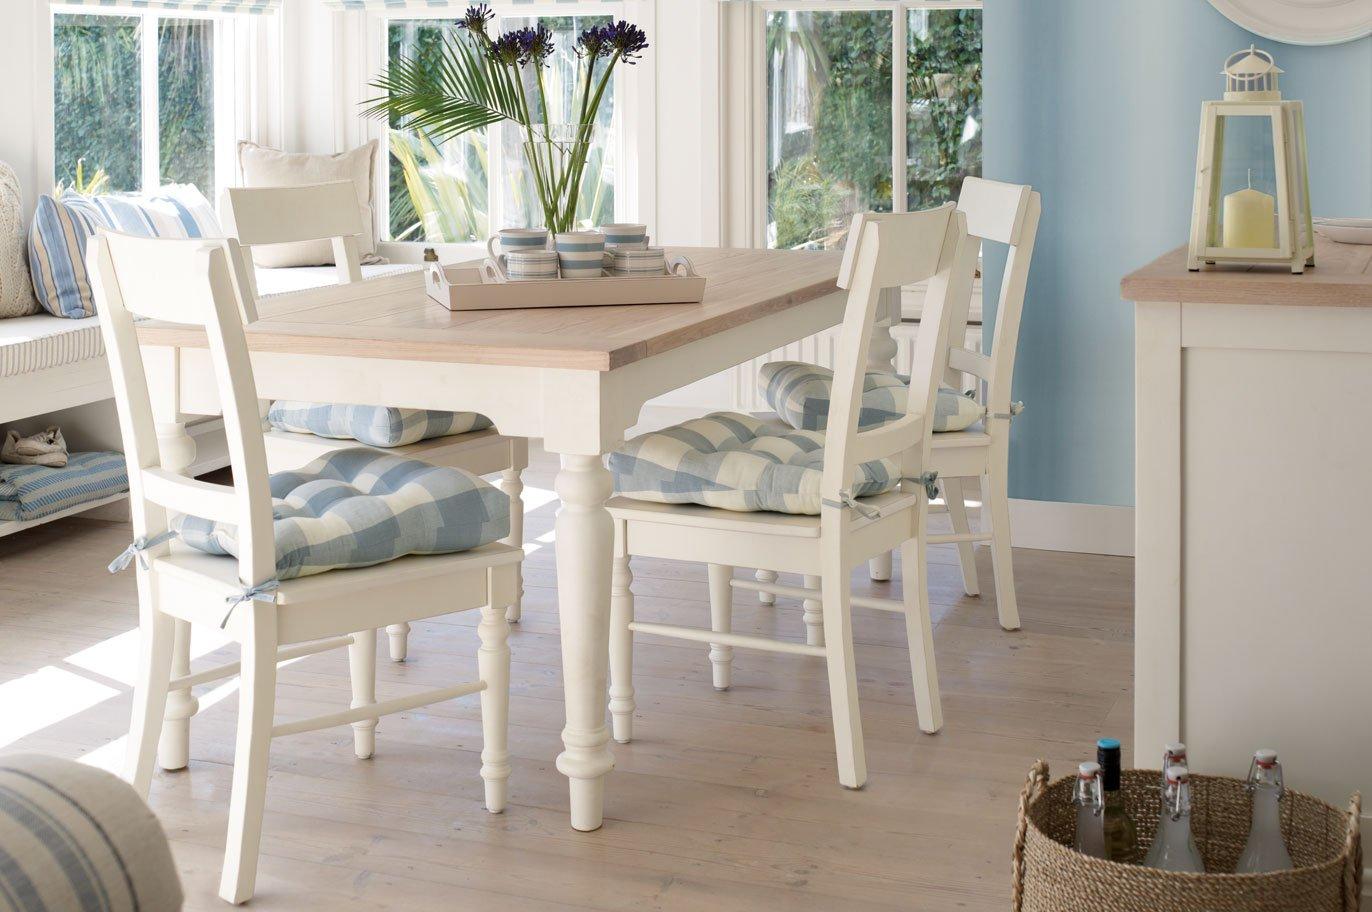 Muebles para una cocina de estilo ingl s decoraci n del - Muebles laura ashley ...